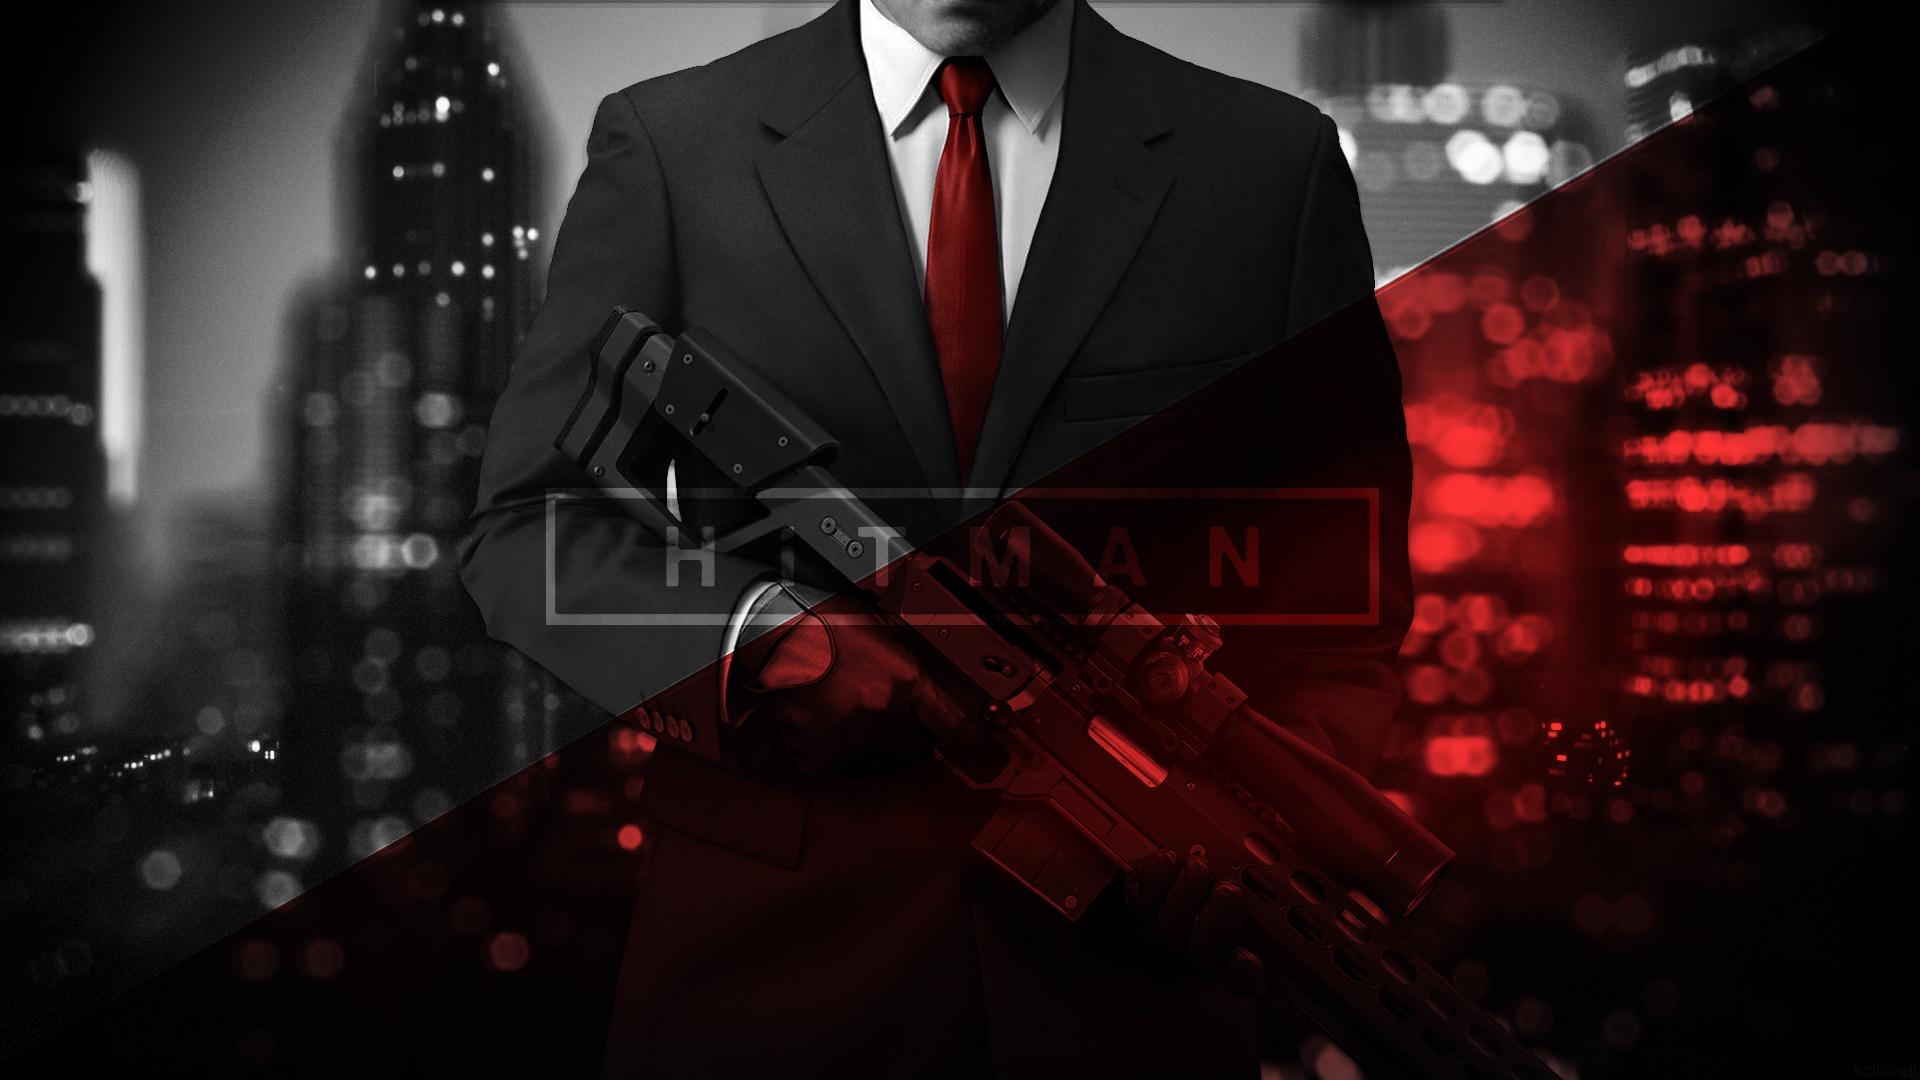 Free Download Hd Hitman Wallpaperjpg 19202151080 Hitman 47